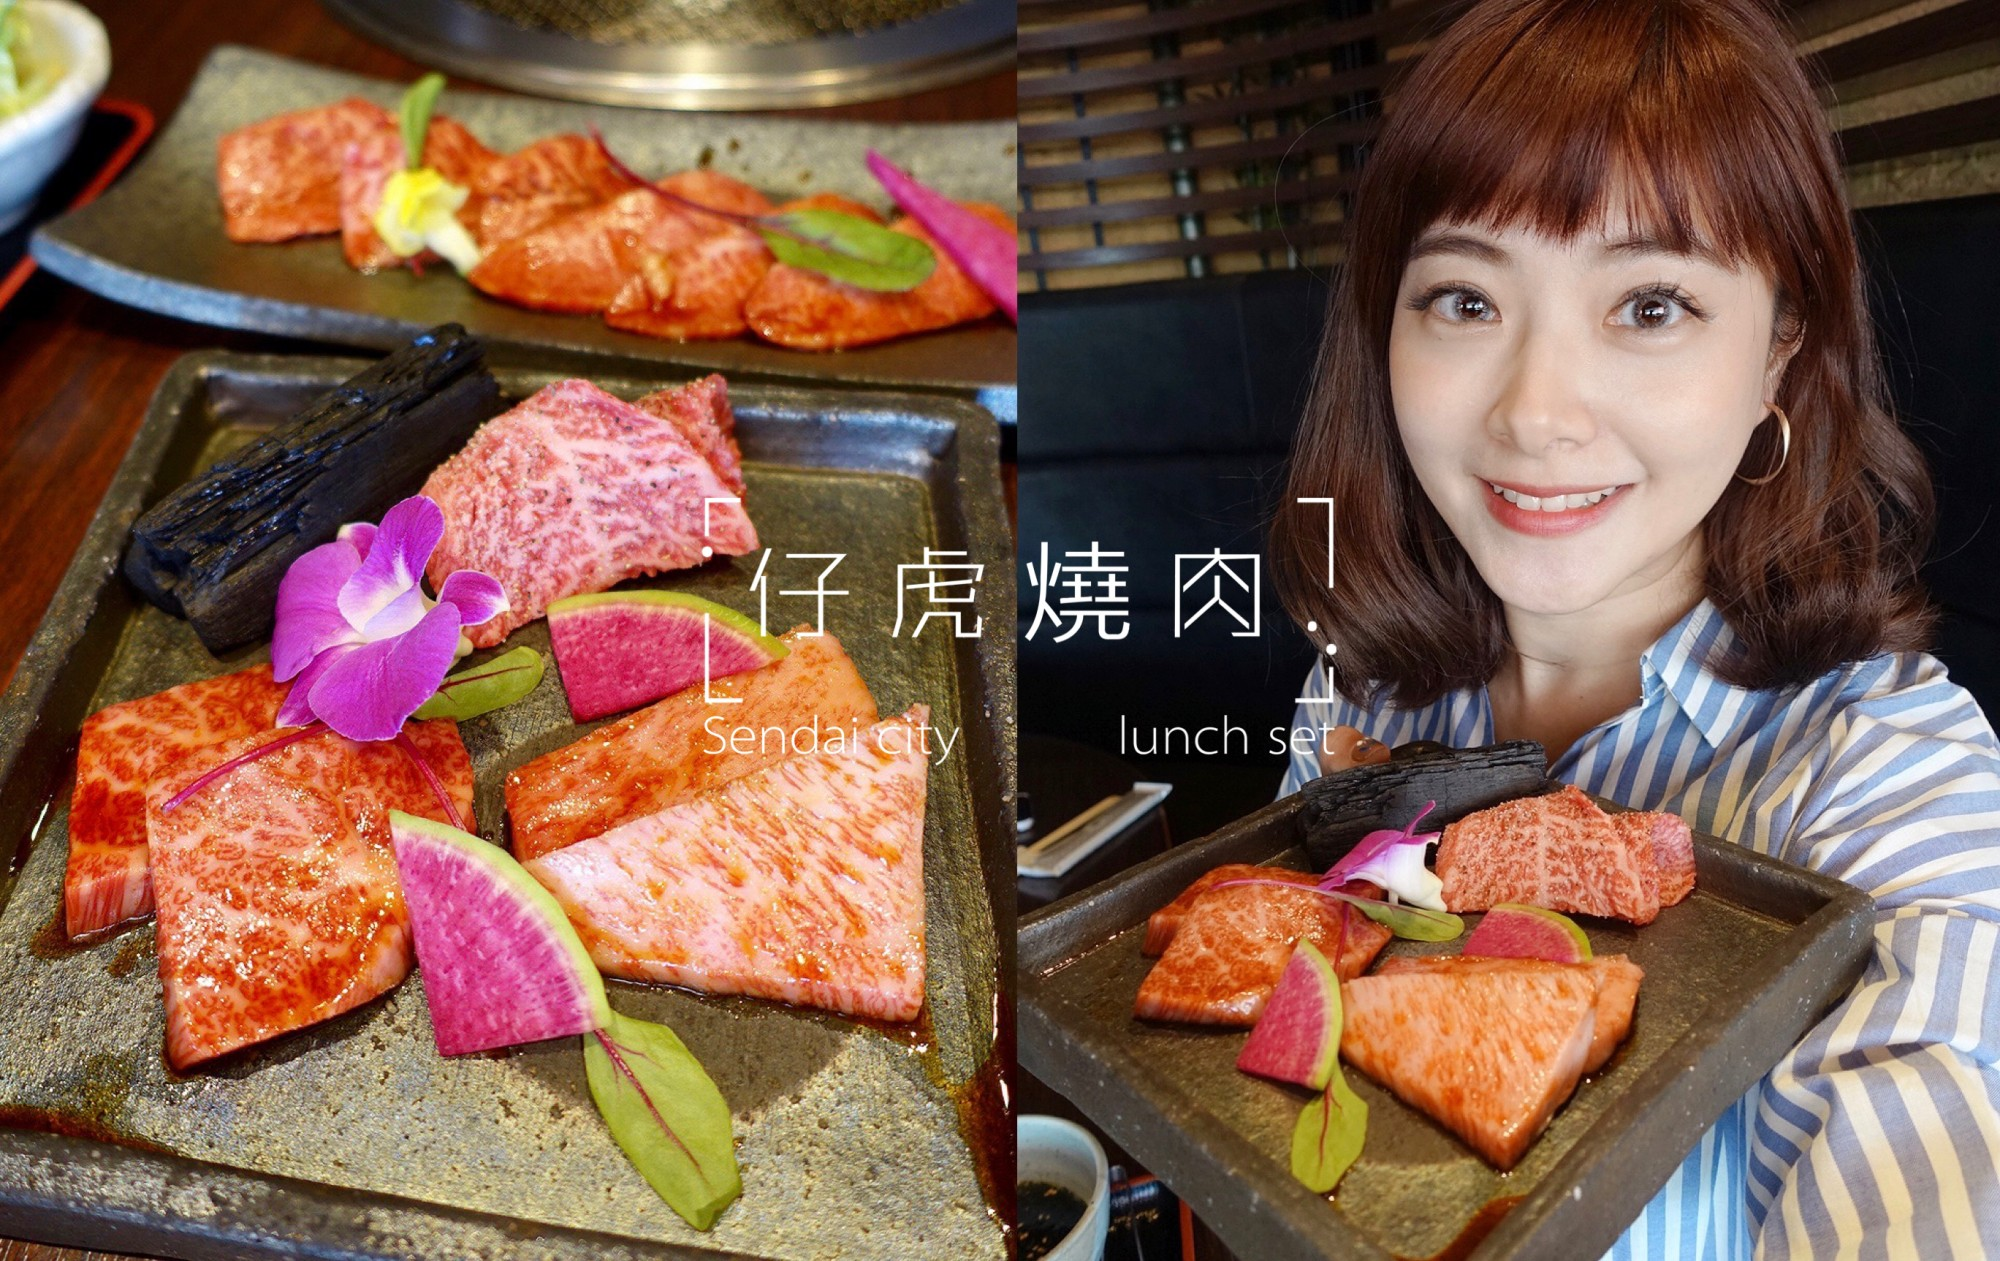 ☆【2019。仙台】「仔虎」燒肉有這麼好吃嗎?我來實證看看! @凱的日本食尚日記